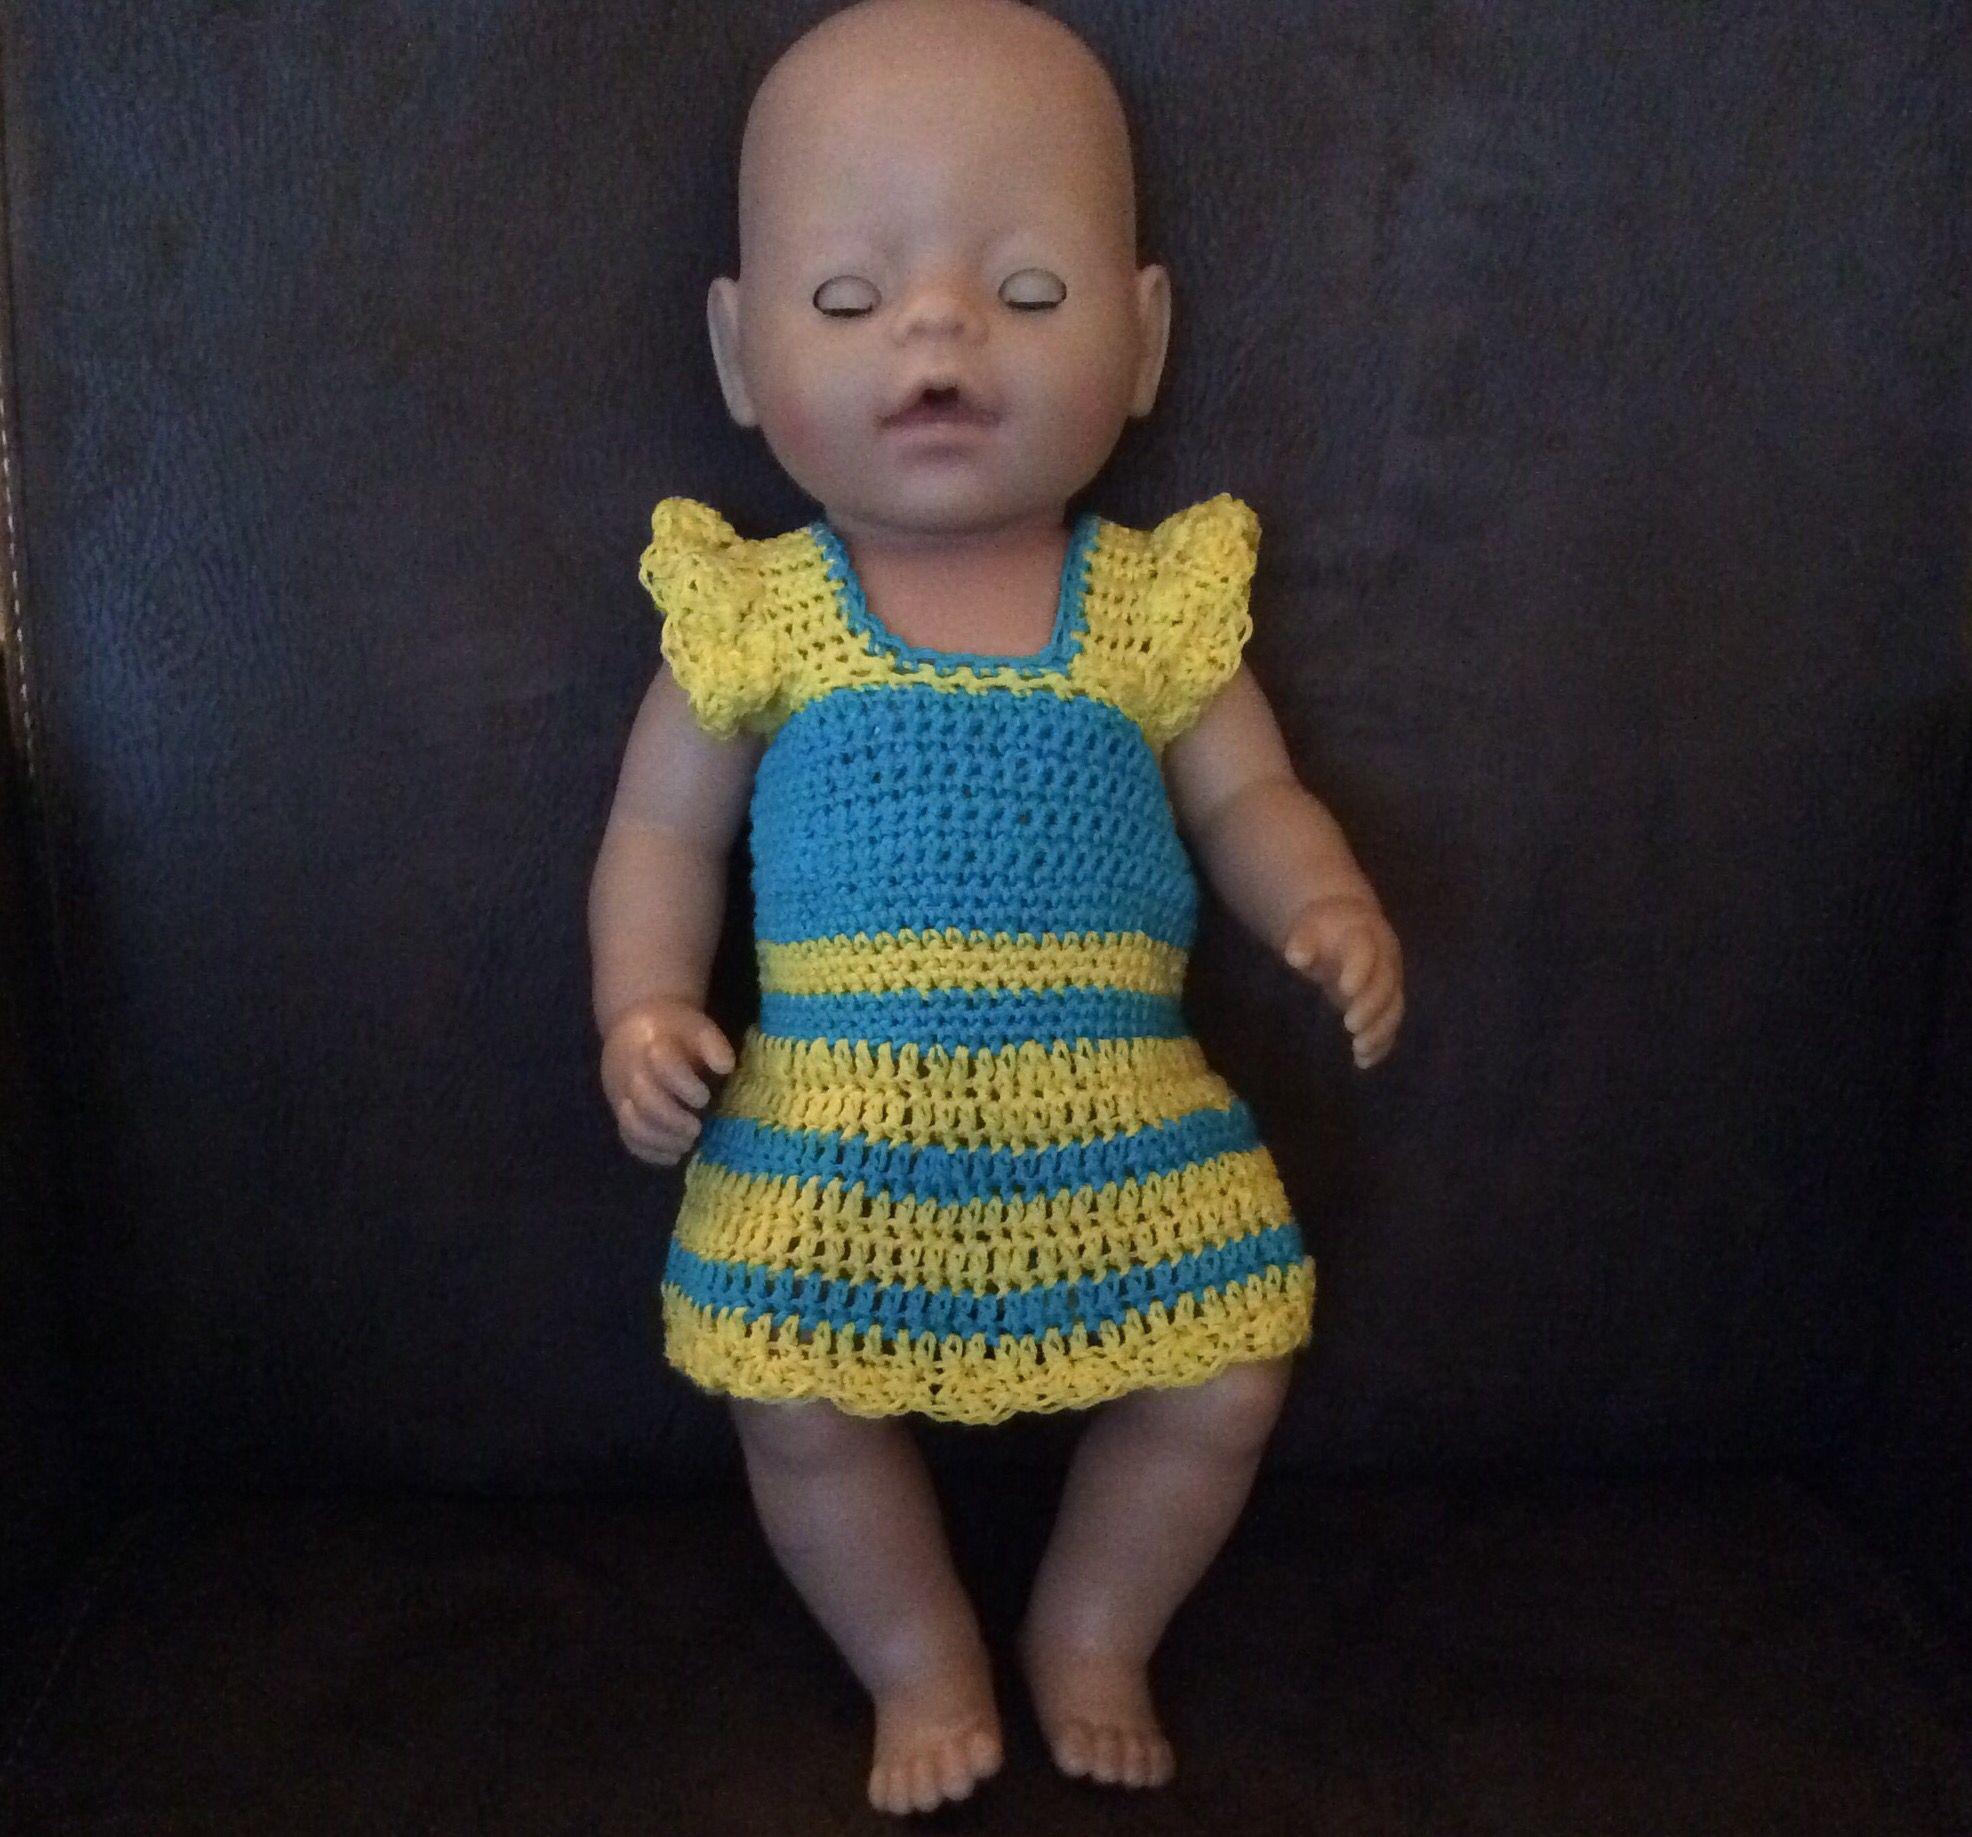 0146325c23033b Babypoppen · Poppenkleertjes · Portemonnees · Fleurig gehaakt jurkje voor baby  born gemaakt op basis van onderstaand patroon. baby born (